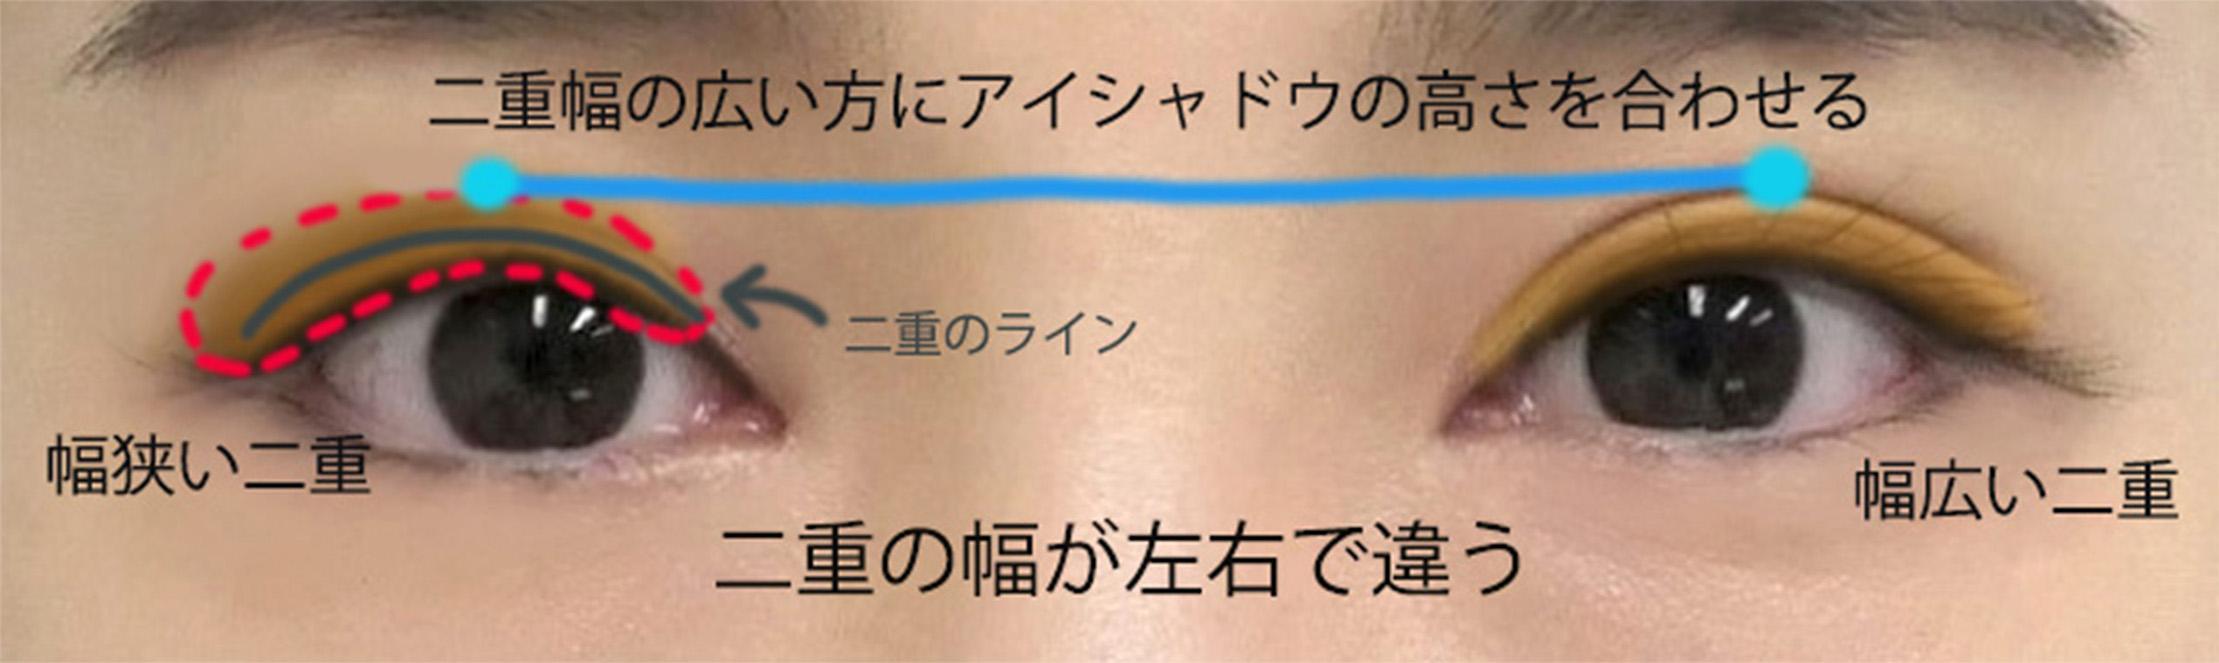 左右の目の大きさが違うメイク:二重幅が違う場合